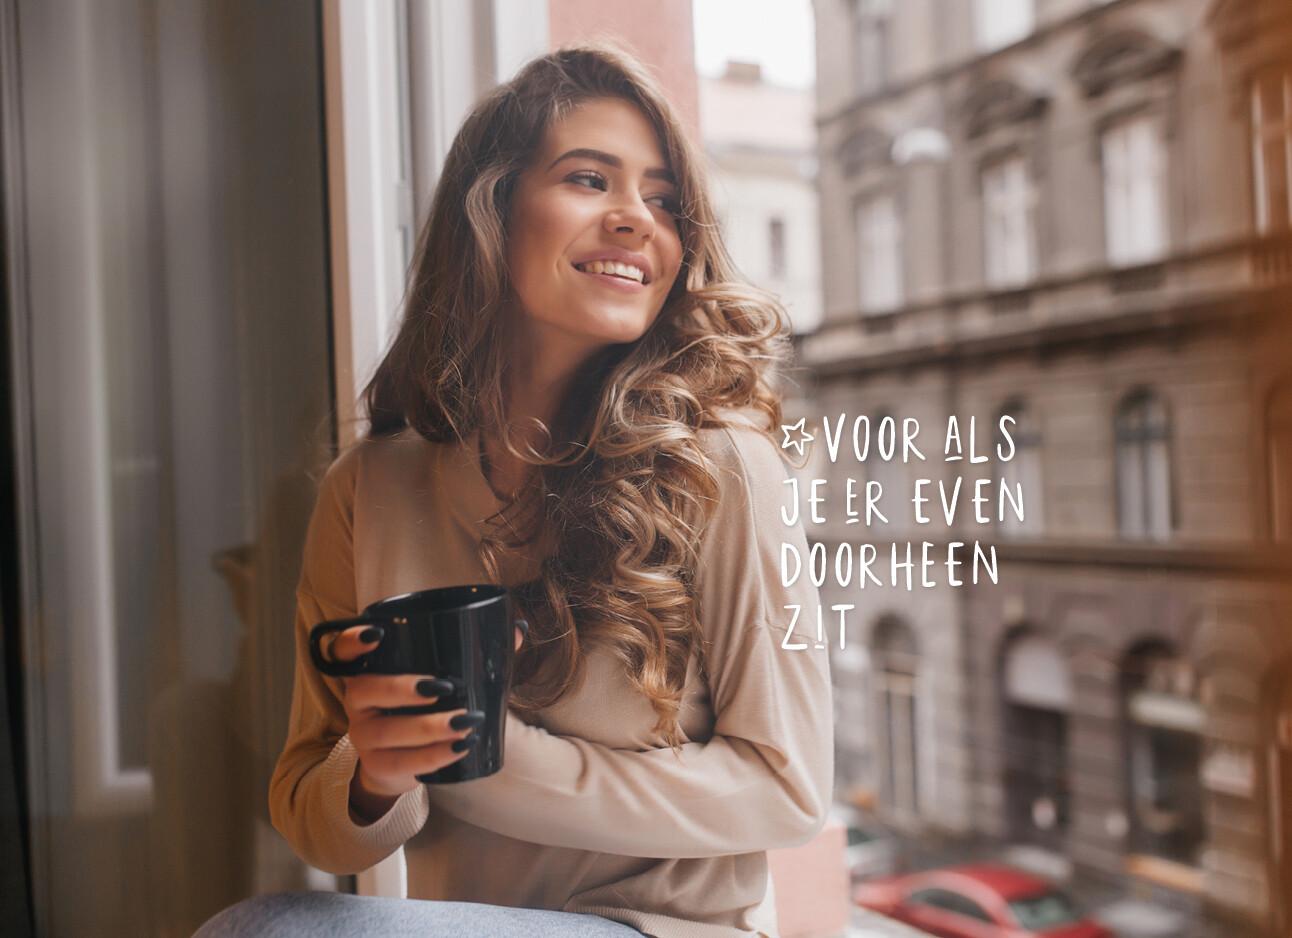 vrouw lachend buiten met een kop koffie